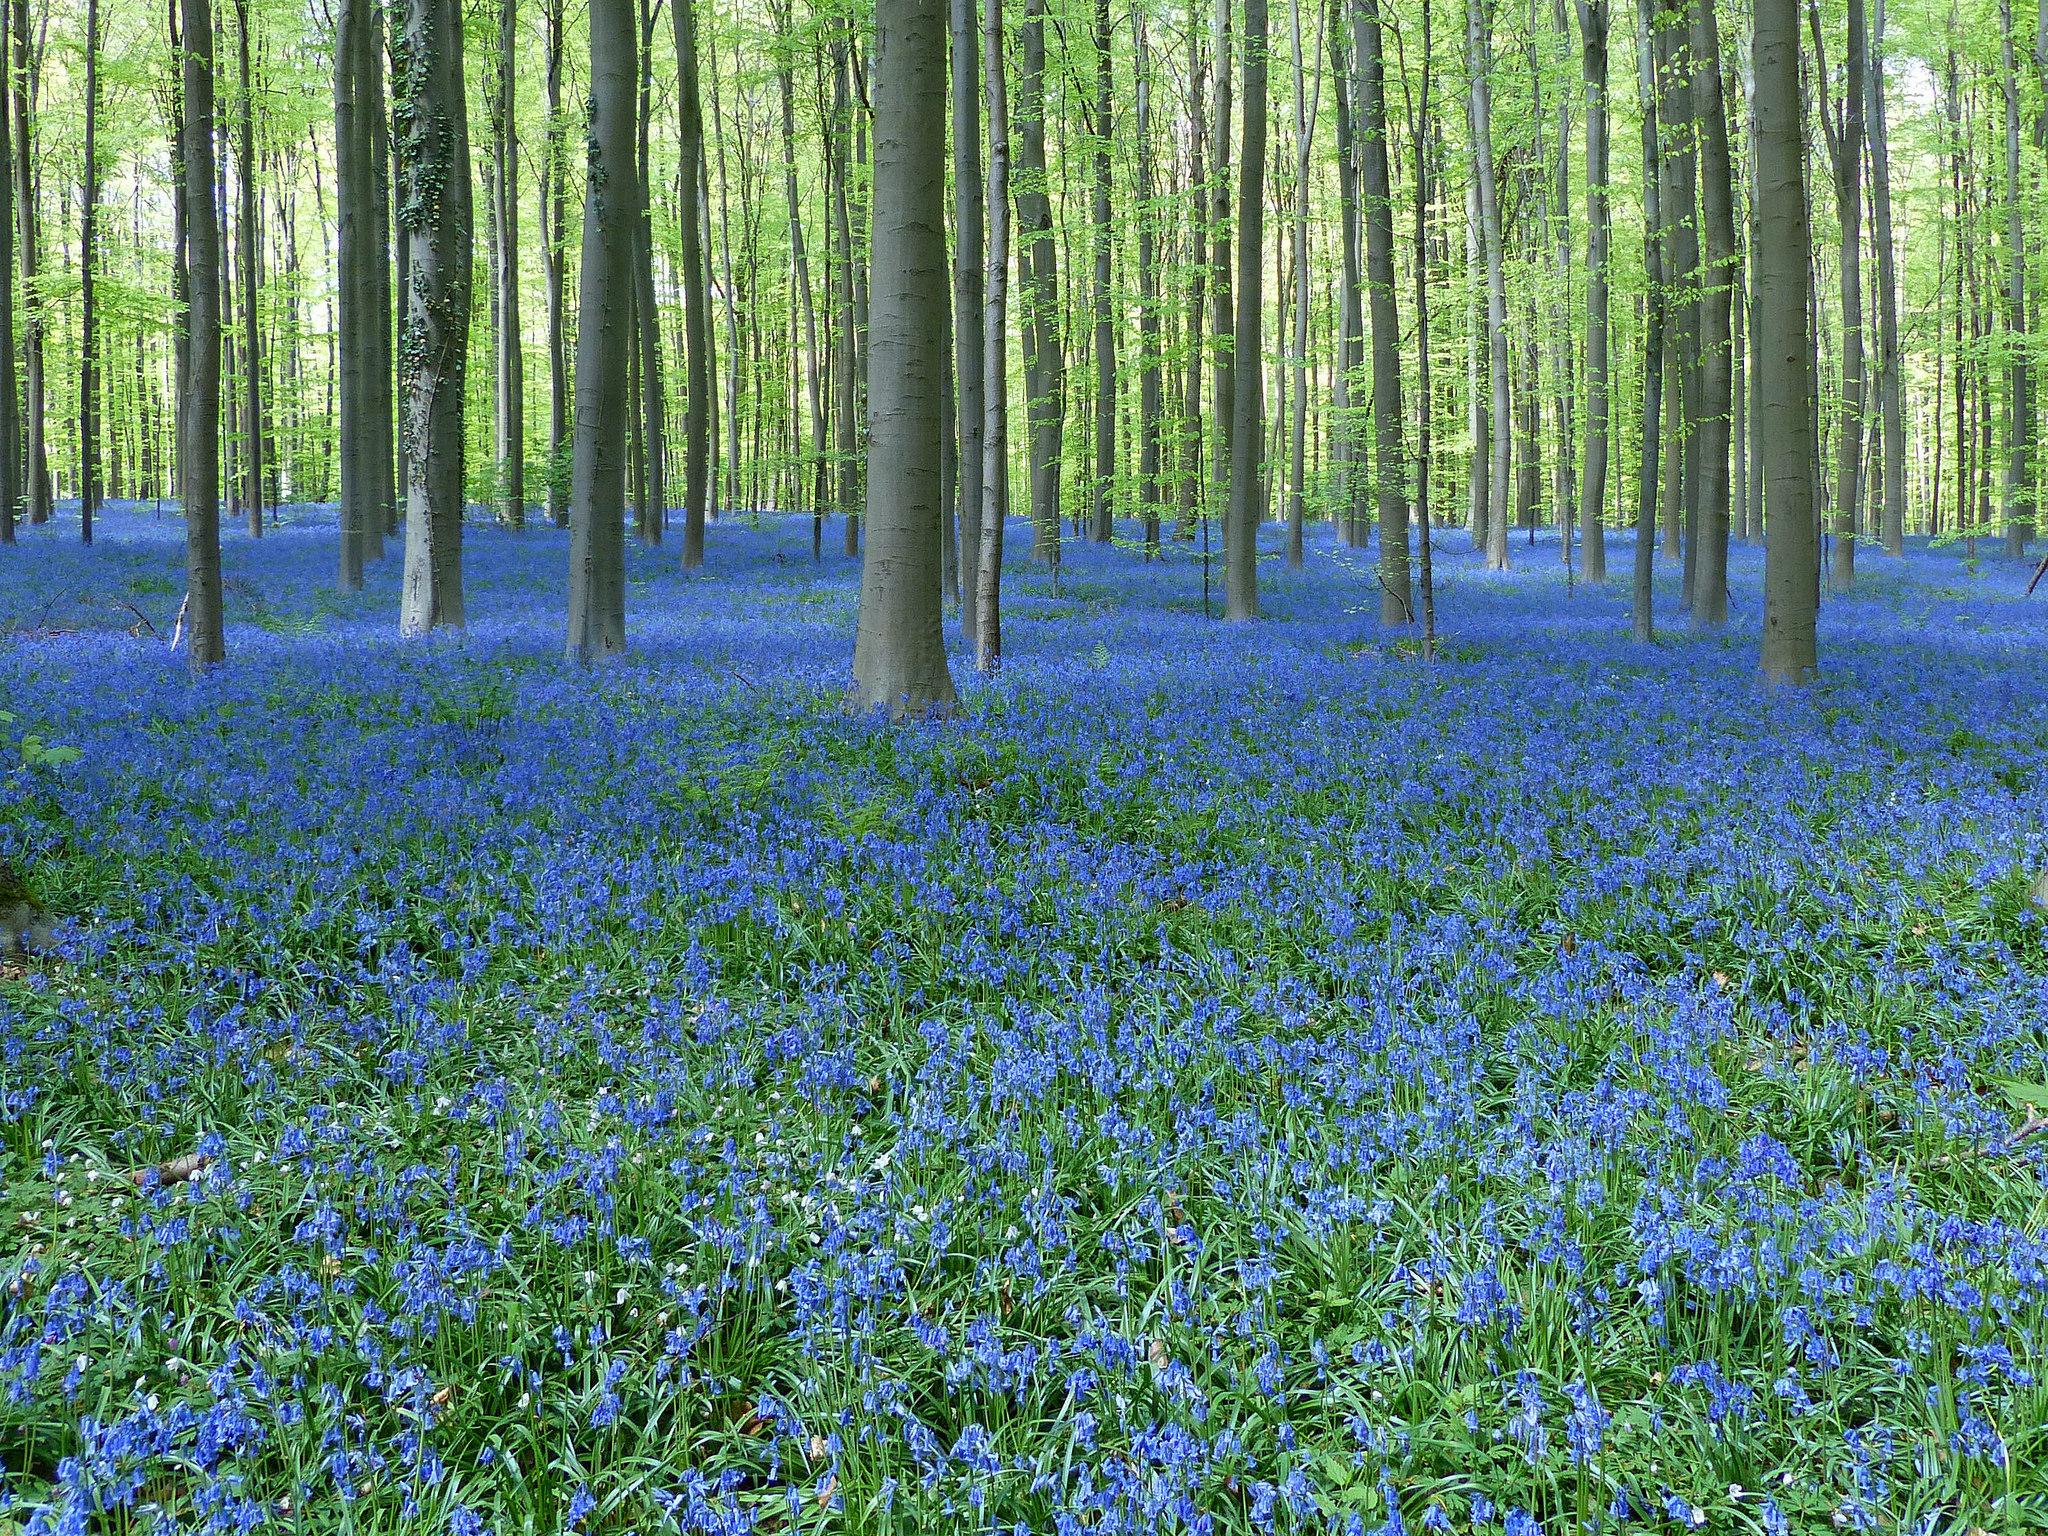 Jacinthe des bois planter et entretenir u2013 Ooreka # Jacinthe Des Bois Blanche